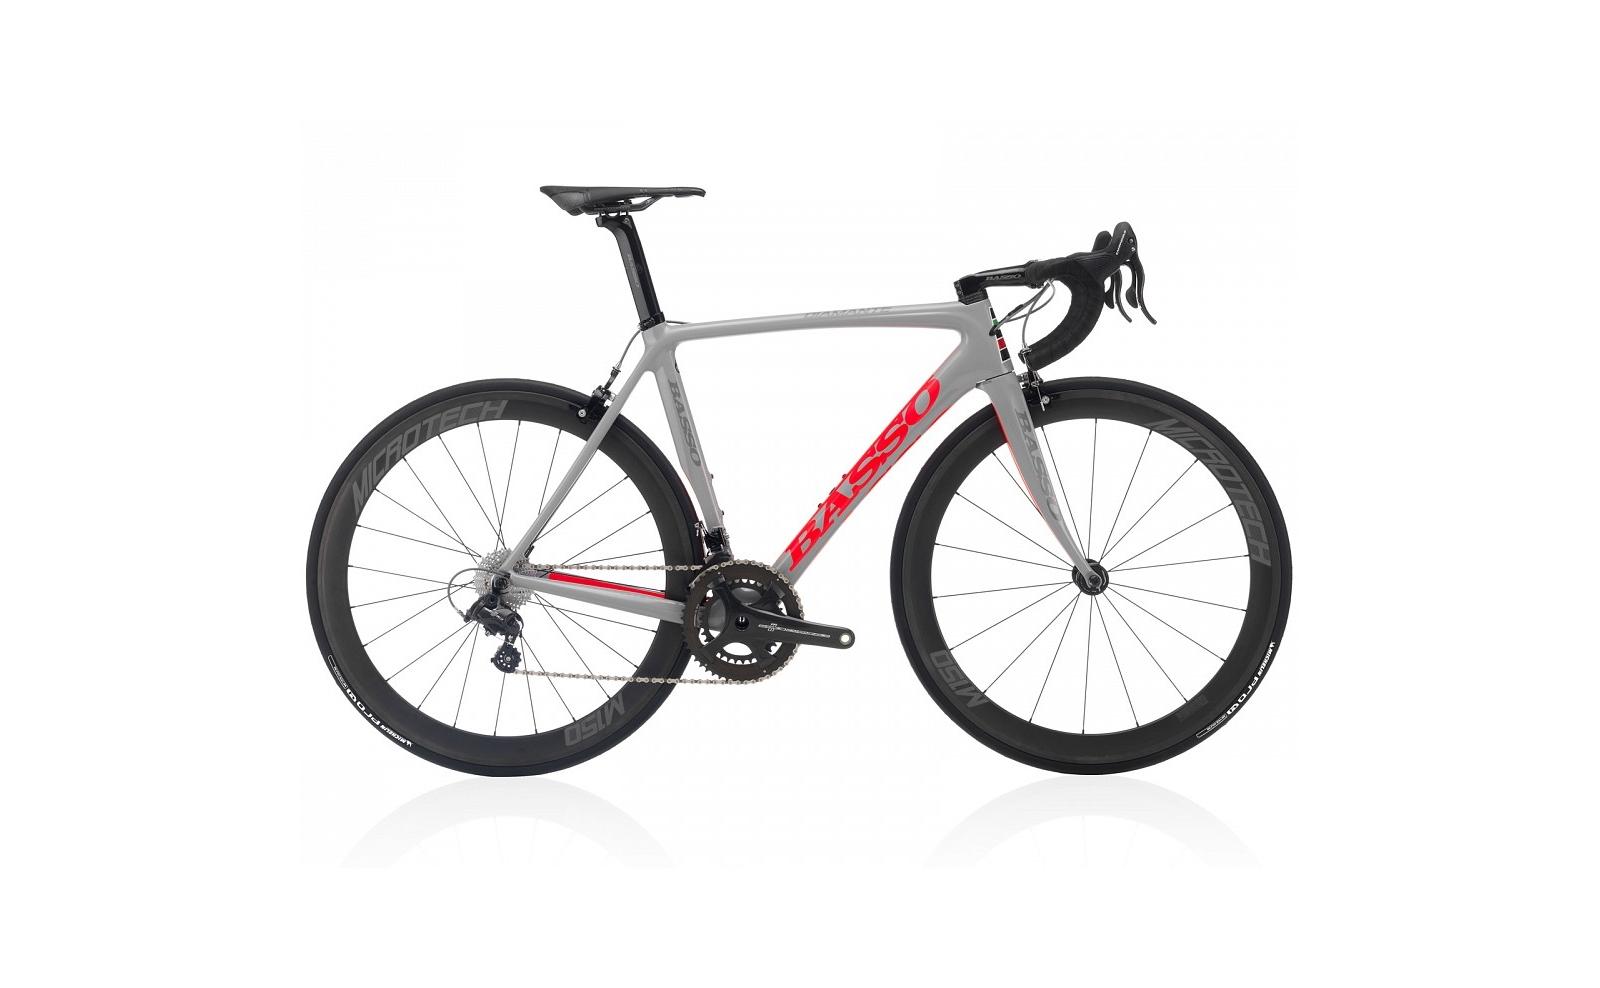 Basso Diamante Carbon - Rahmenset Fahrradrahmen Rennrad 2018